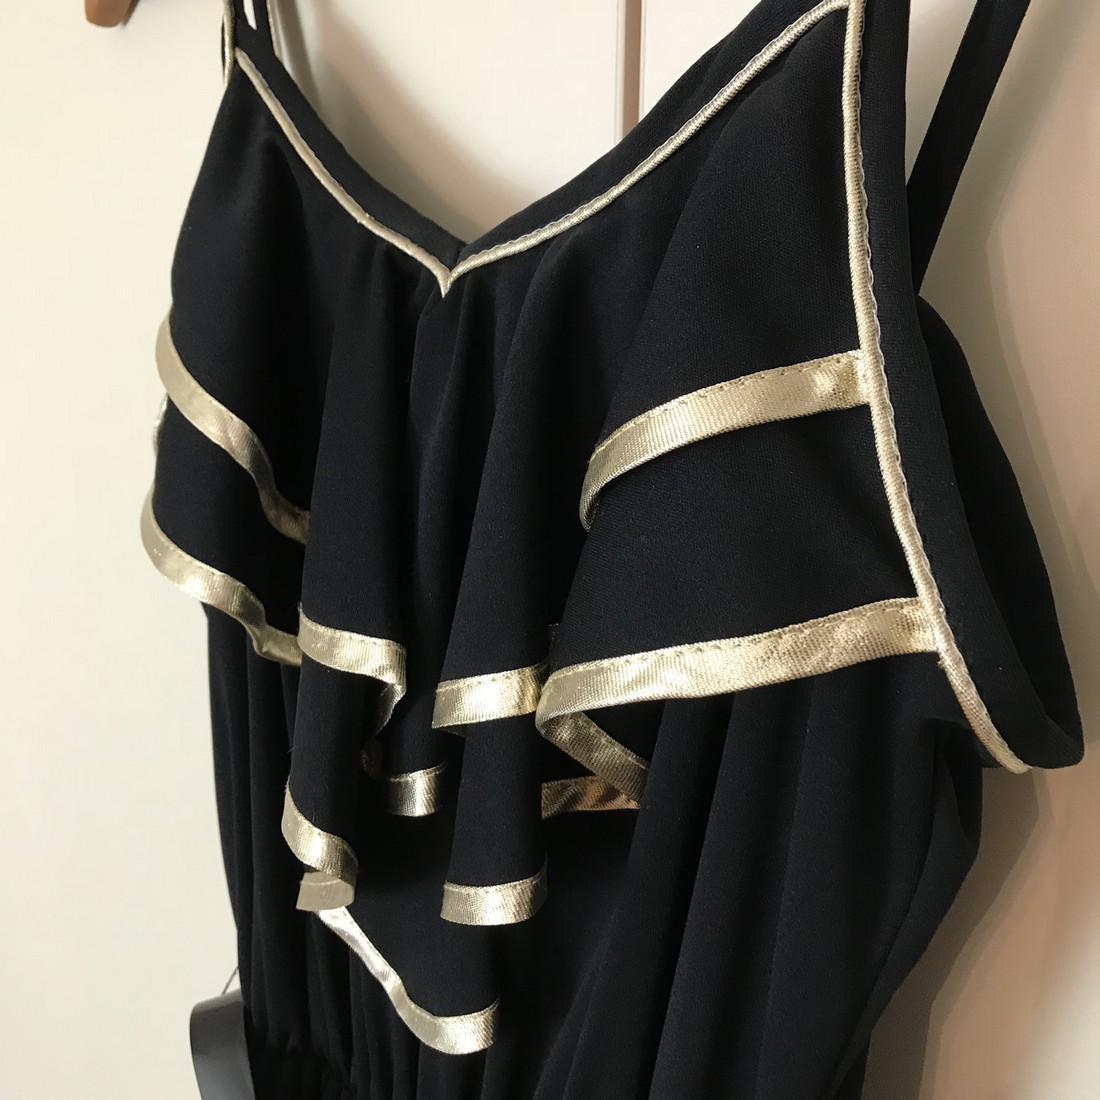 Black / Gold Vintage Designer Dress Size EUR 38 US 8 - 4